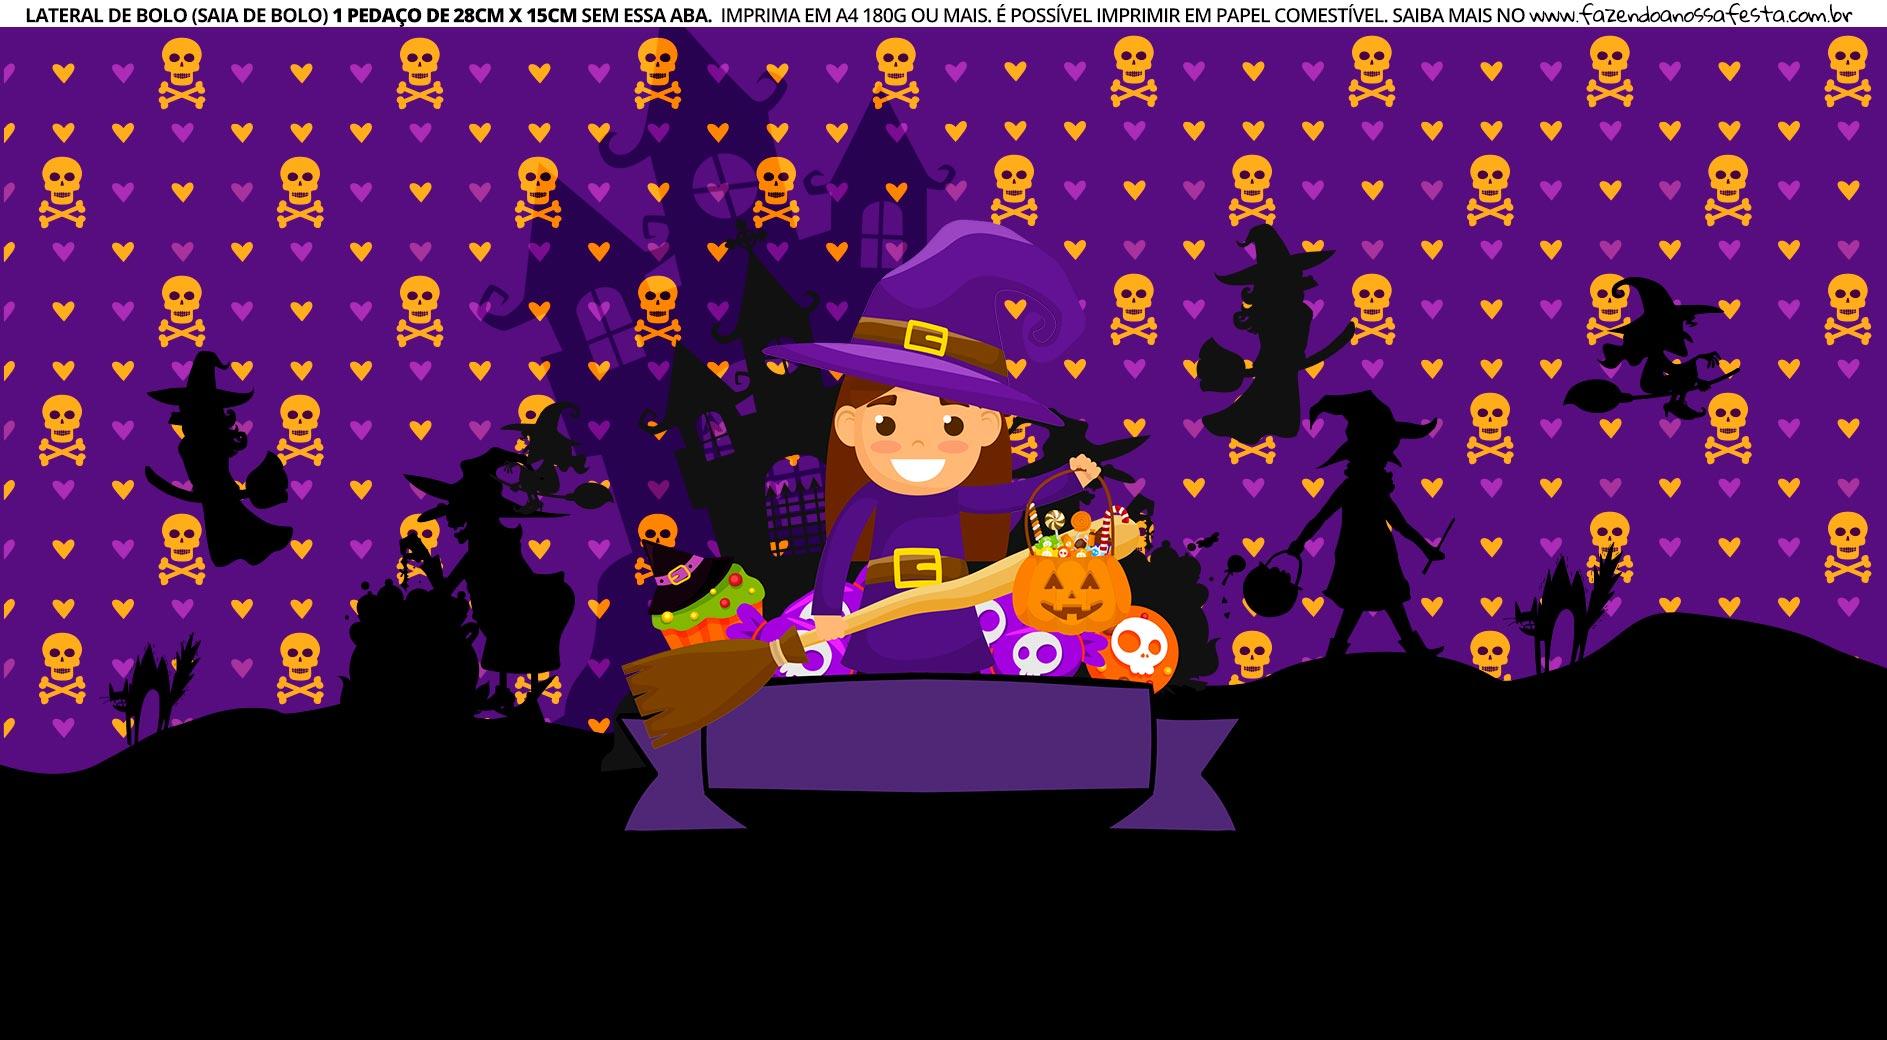 Faixa Lateral de Bolo Tema Halloween Bruxinha